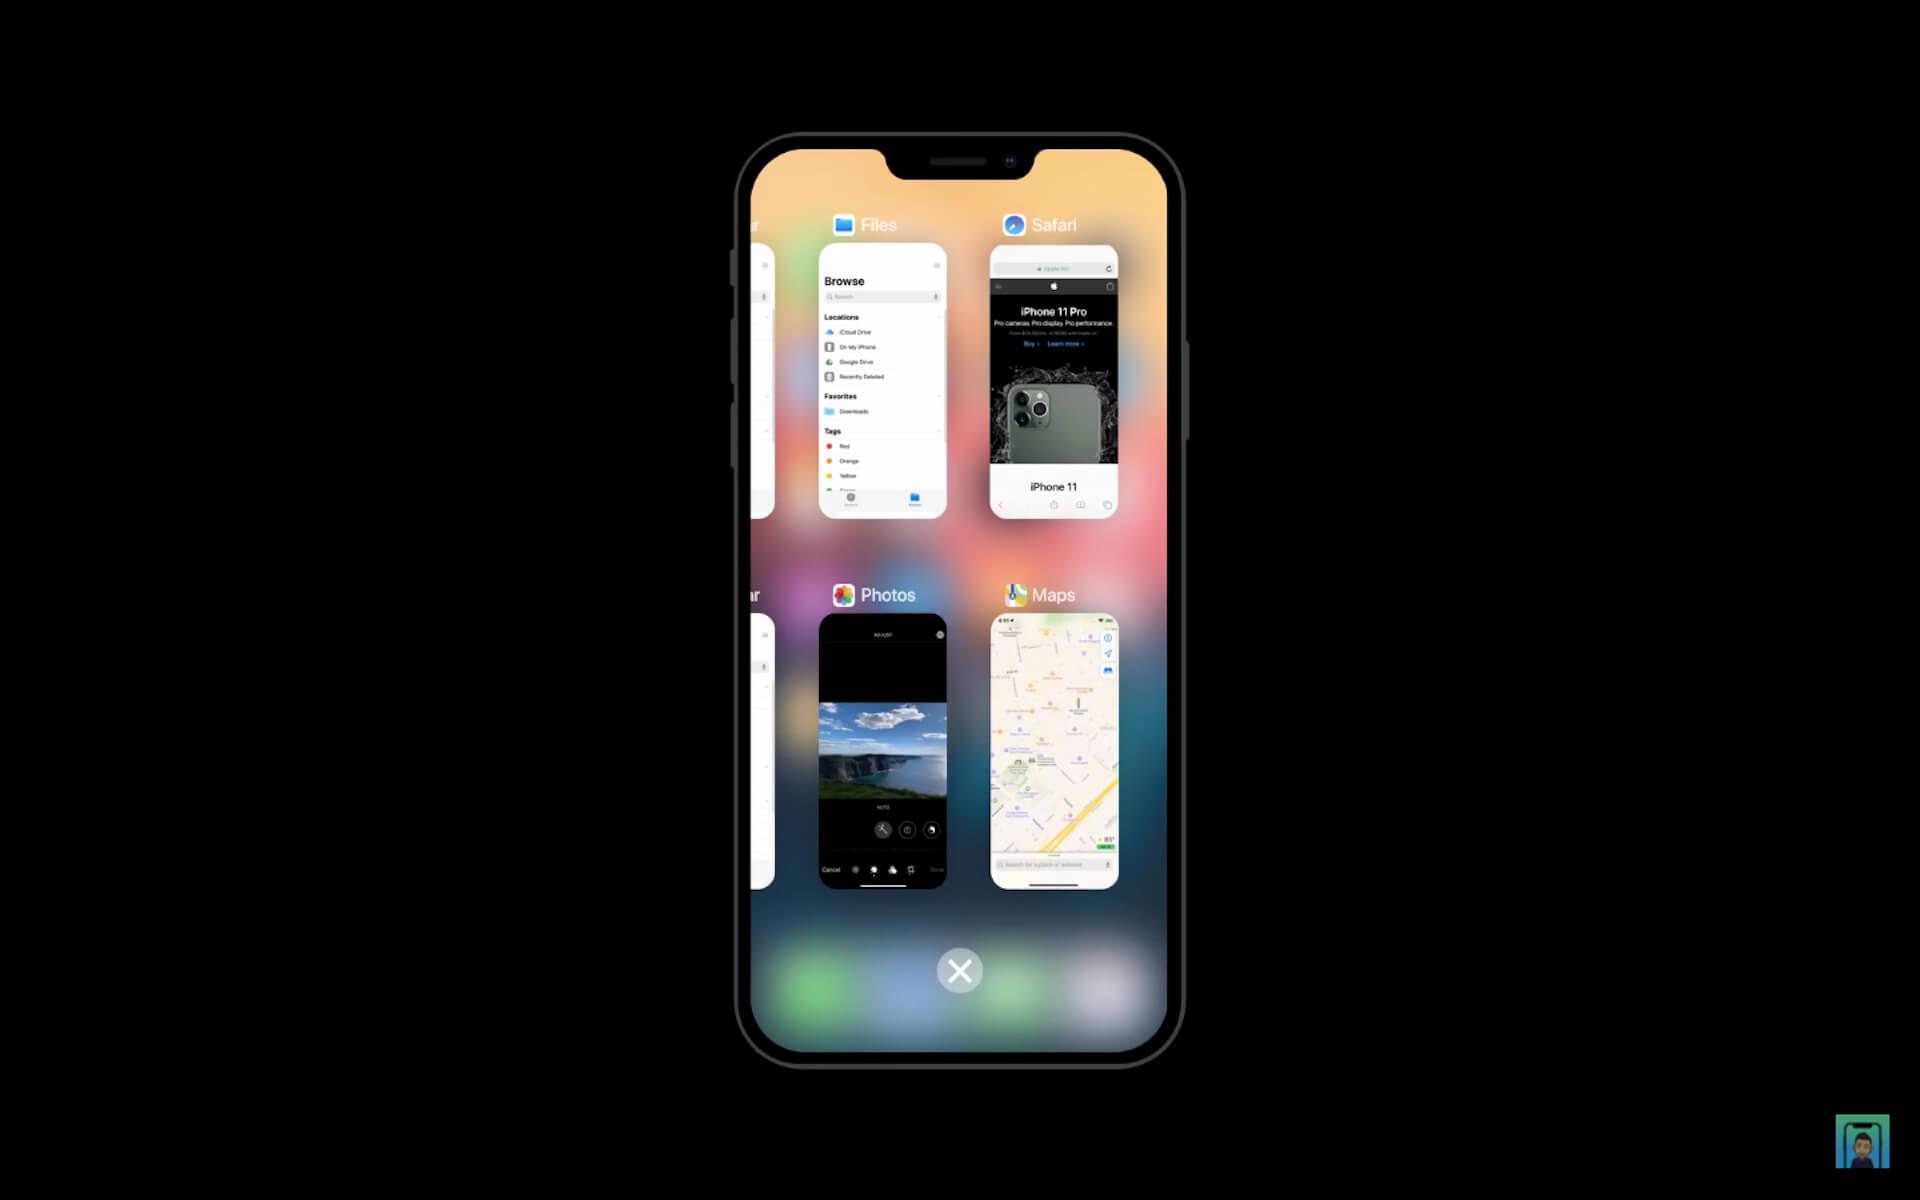 6月リリースと噂のiPhone用OS「iOS 14」はこうなる?iPhone 12と掛け合わせたコンセプト動画が公開 tech200423_ios14_9